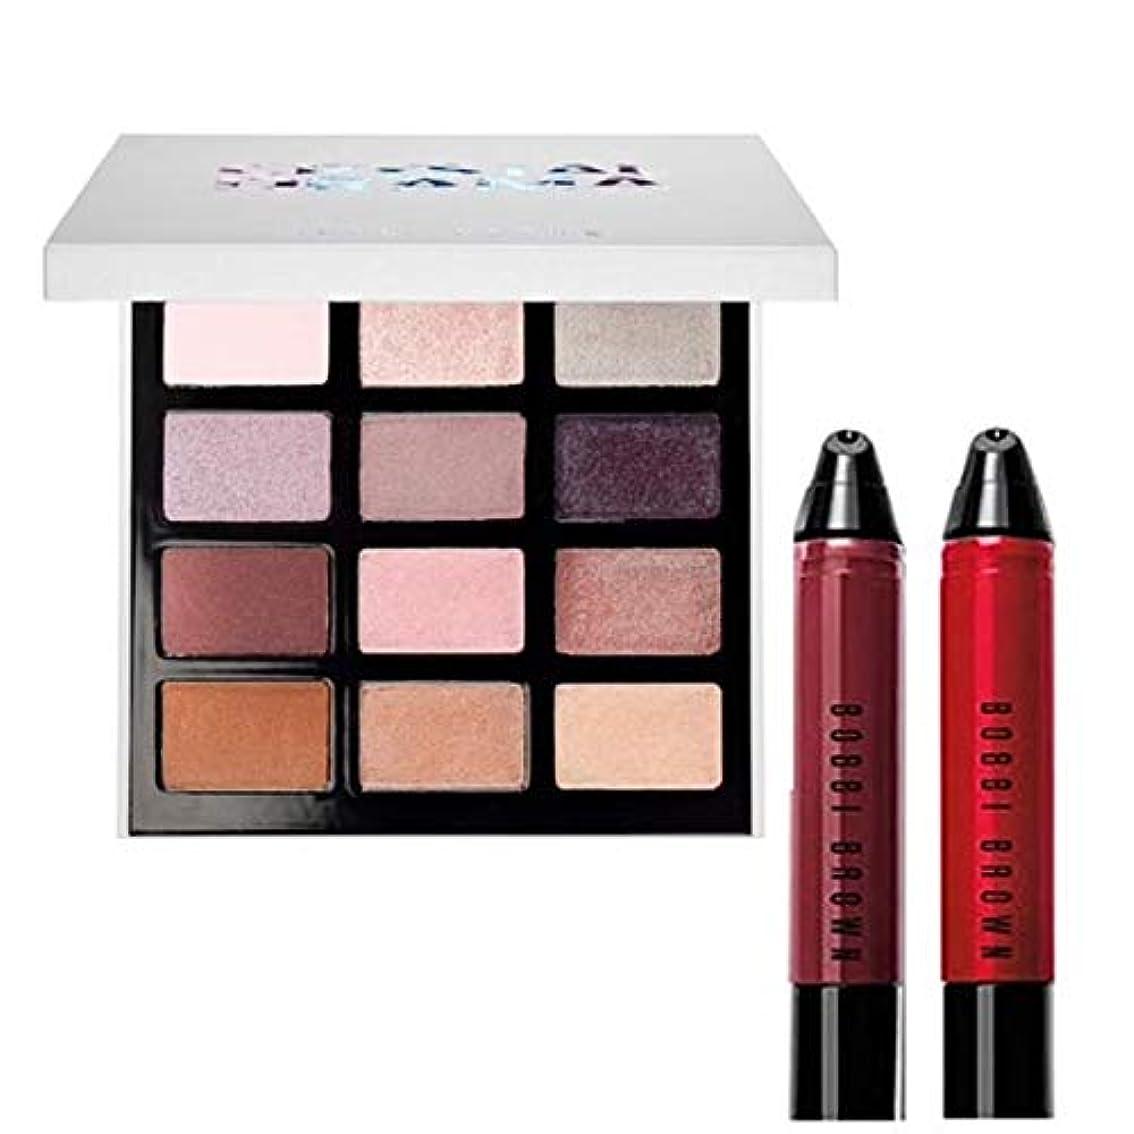 軌道つかむ胸Bobbi Brown 限定版,Crystal Drama Eyeshadow Palette & Lip Art Mini Art Stick Liquid Lip 2Set [海外直送品] [並行輸入品]